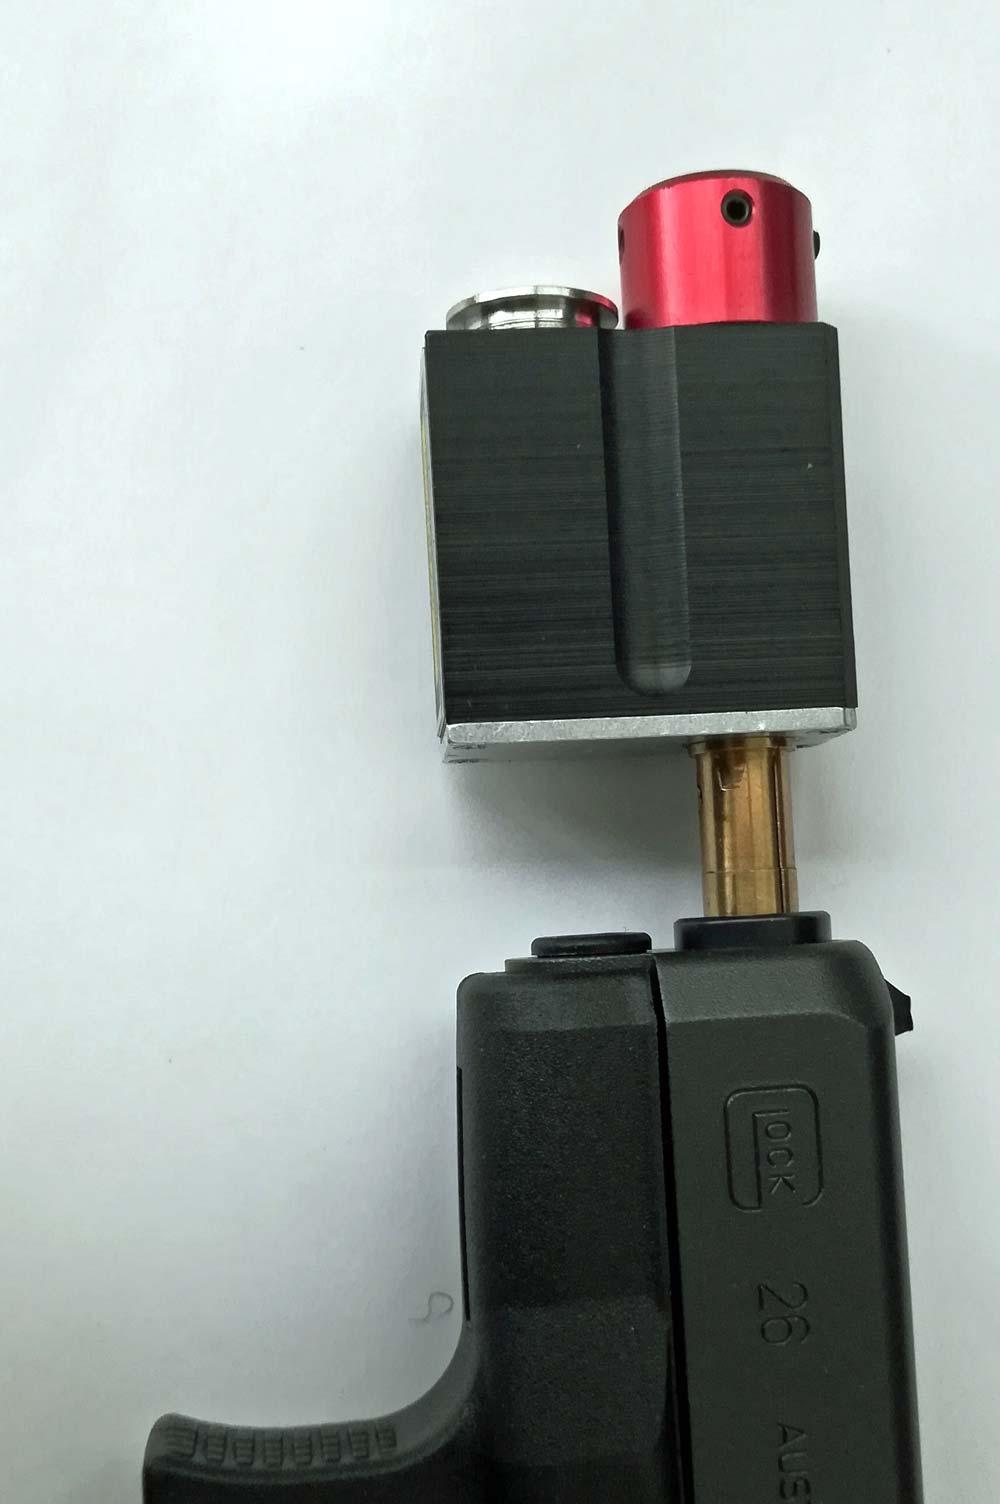 Lasershot LS 900 Lasermodul ohne Pistole